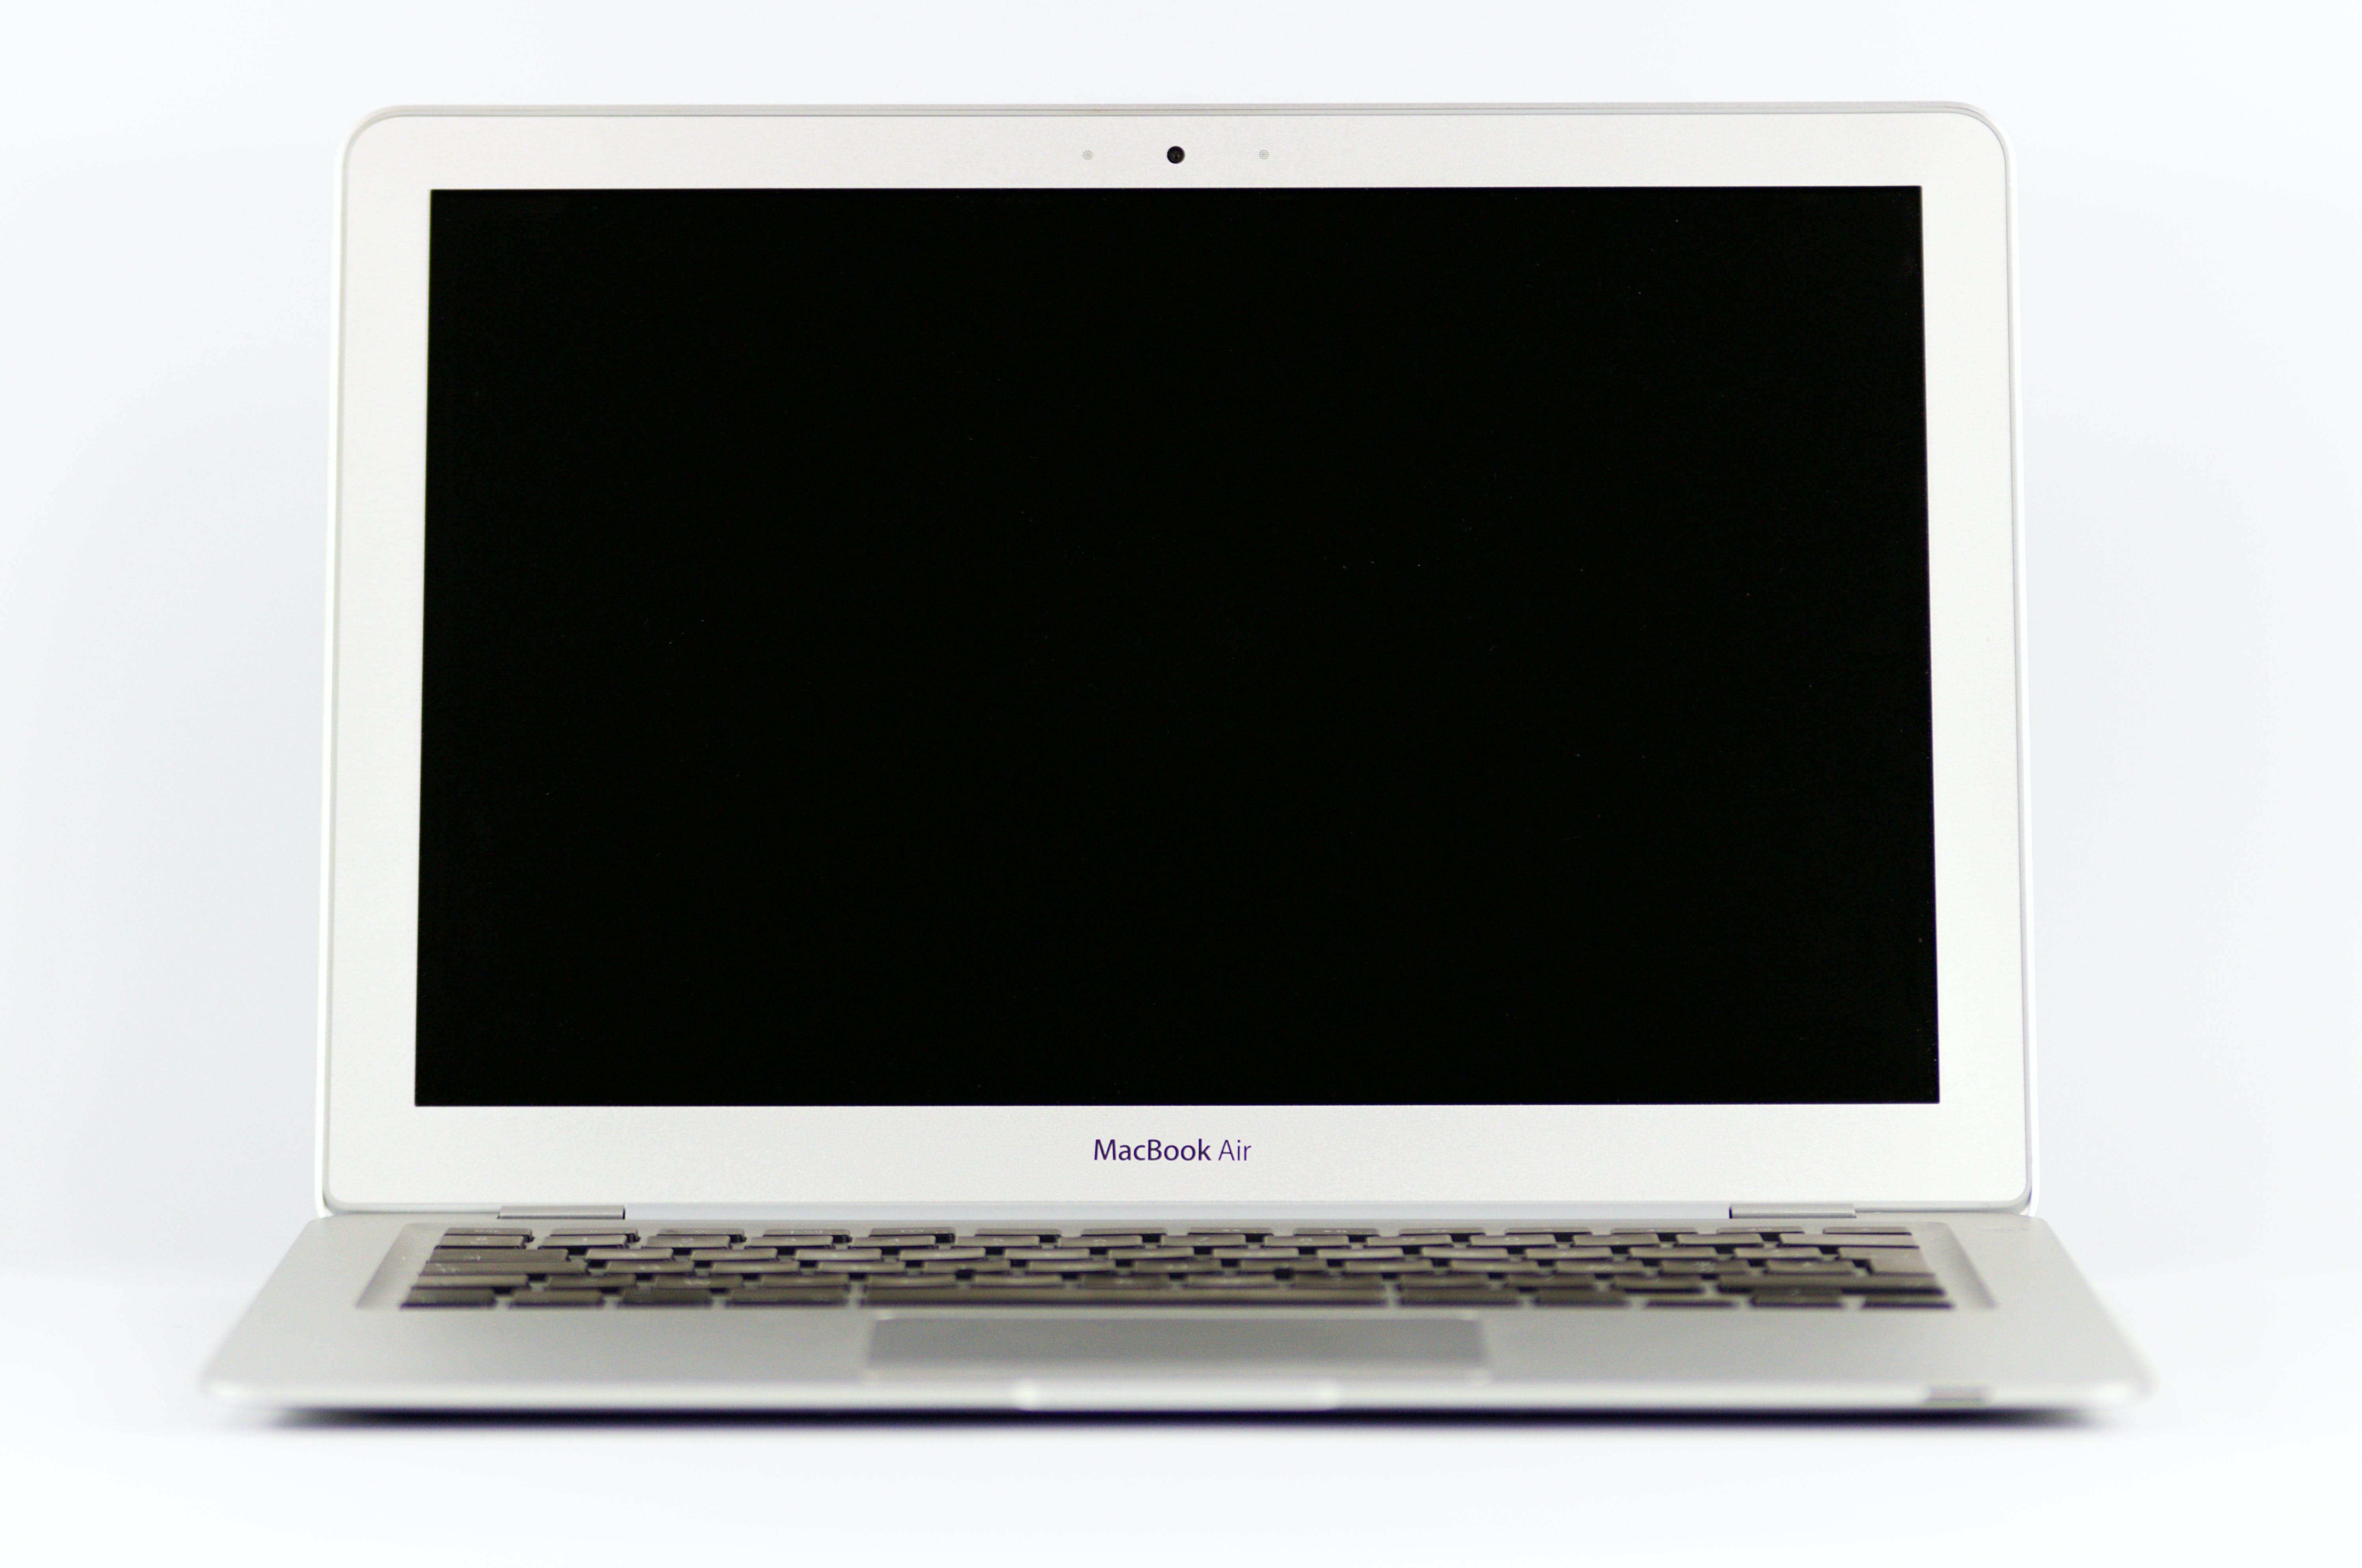 Photo of a Macbook Air